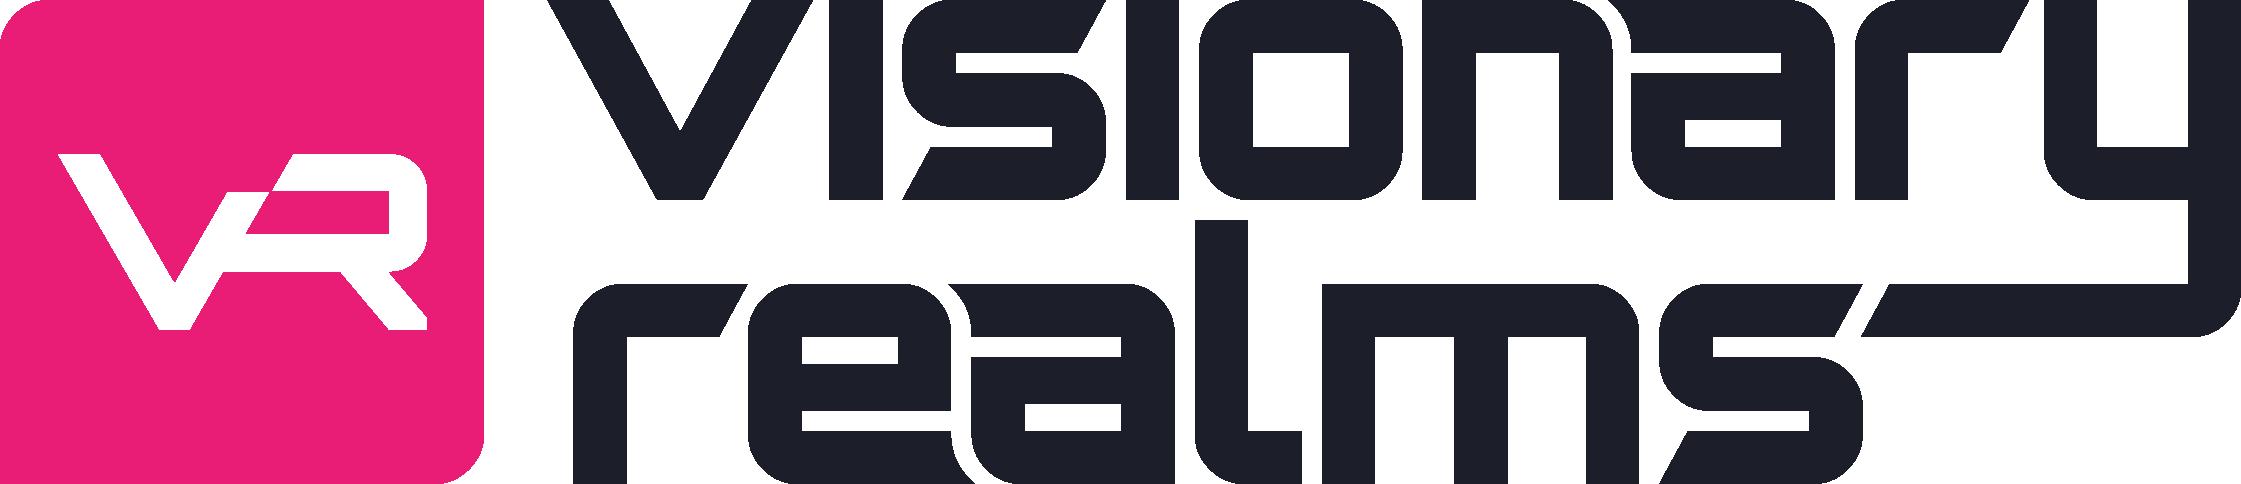 vsrm_logo_rgb_knockout